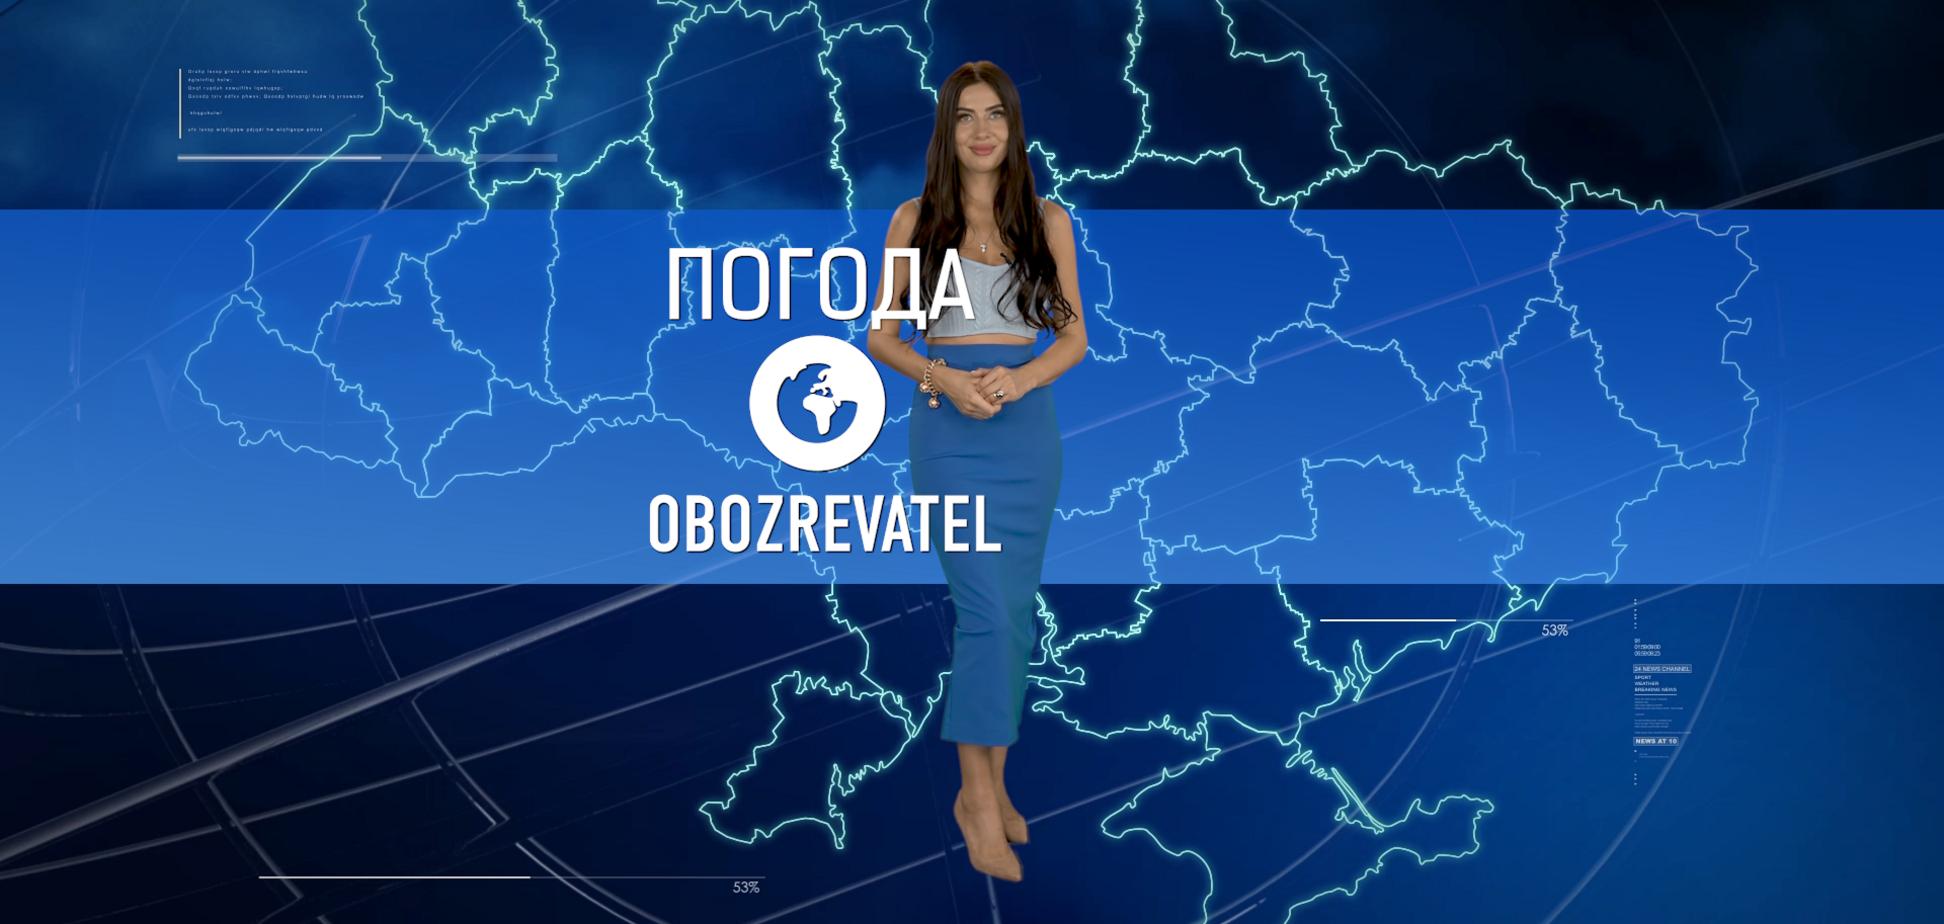 Прогноз погоди в Україні на п'ятницю, 17 вересня, з Алісою Мярковською